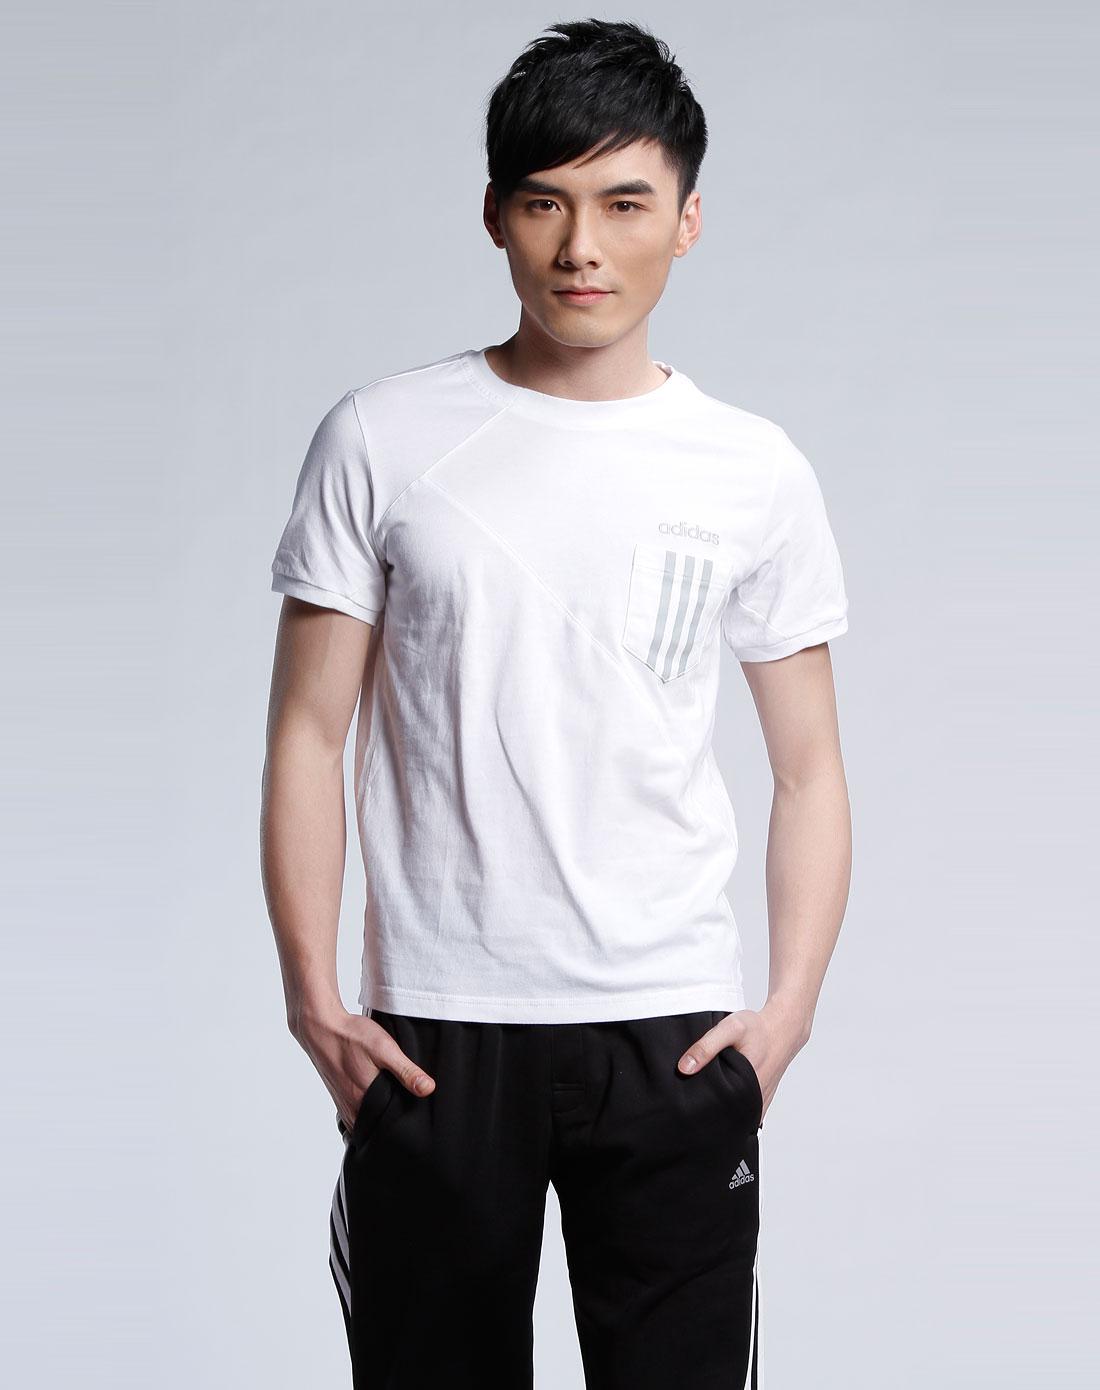 阿迪达斯adidas男装-neo 男款白色短袖t恤